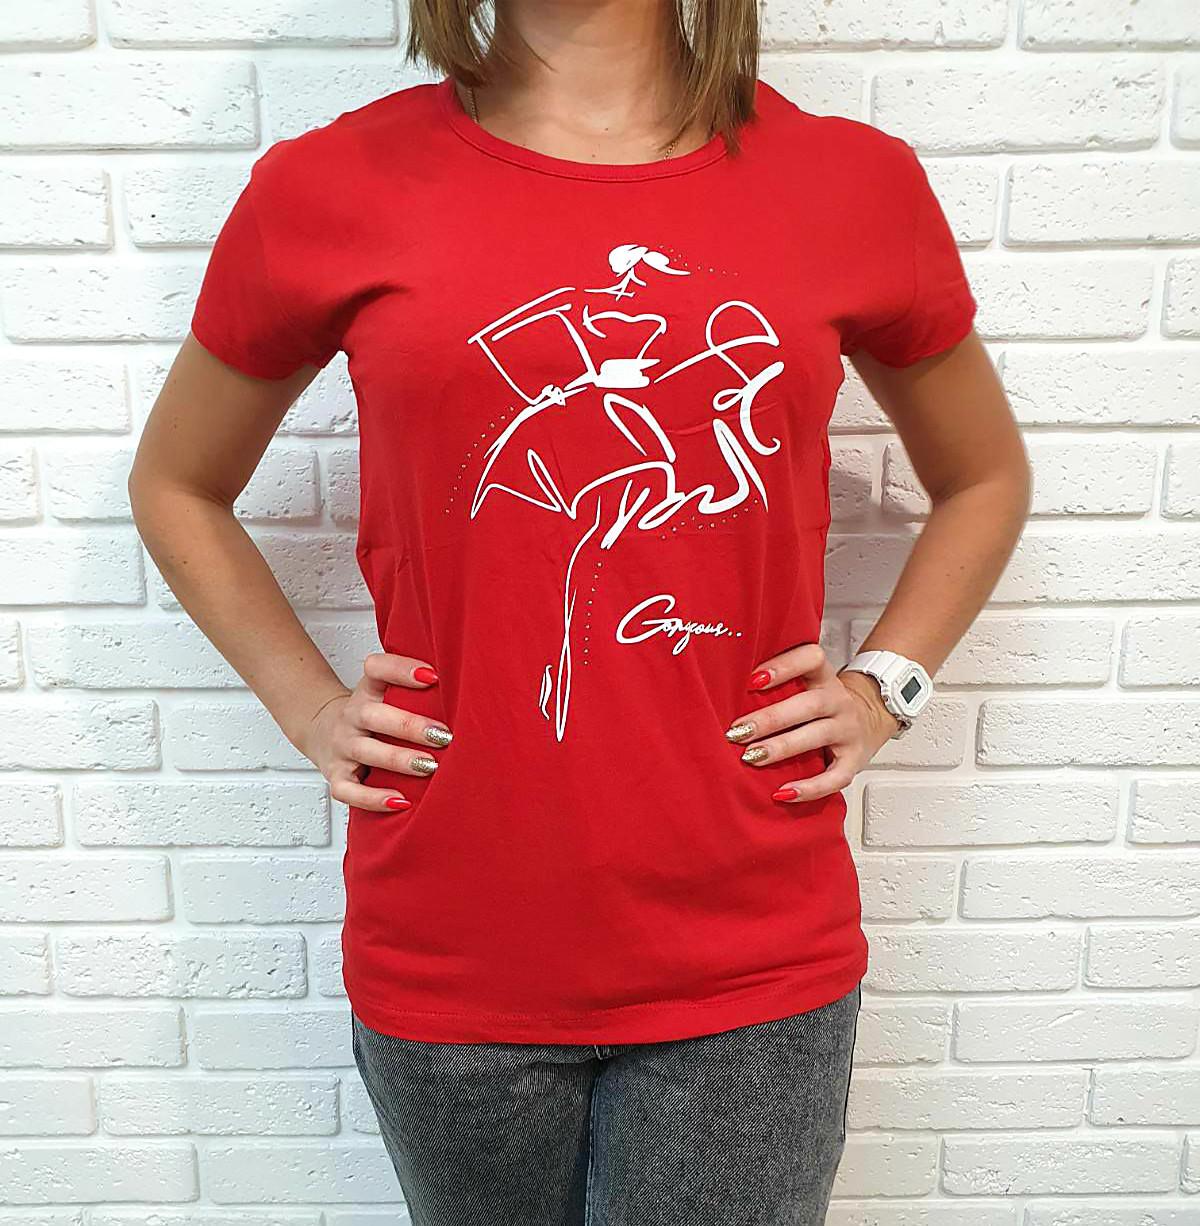 Универсальная женская футболка 42-46 (в расцветках)